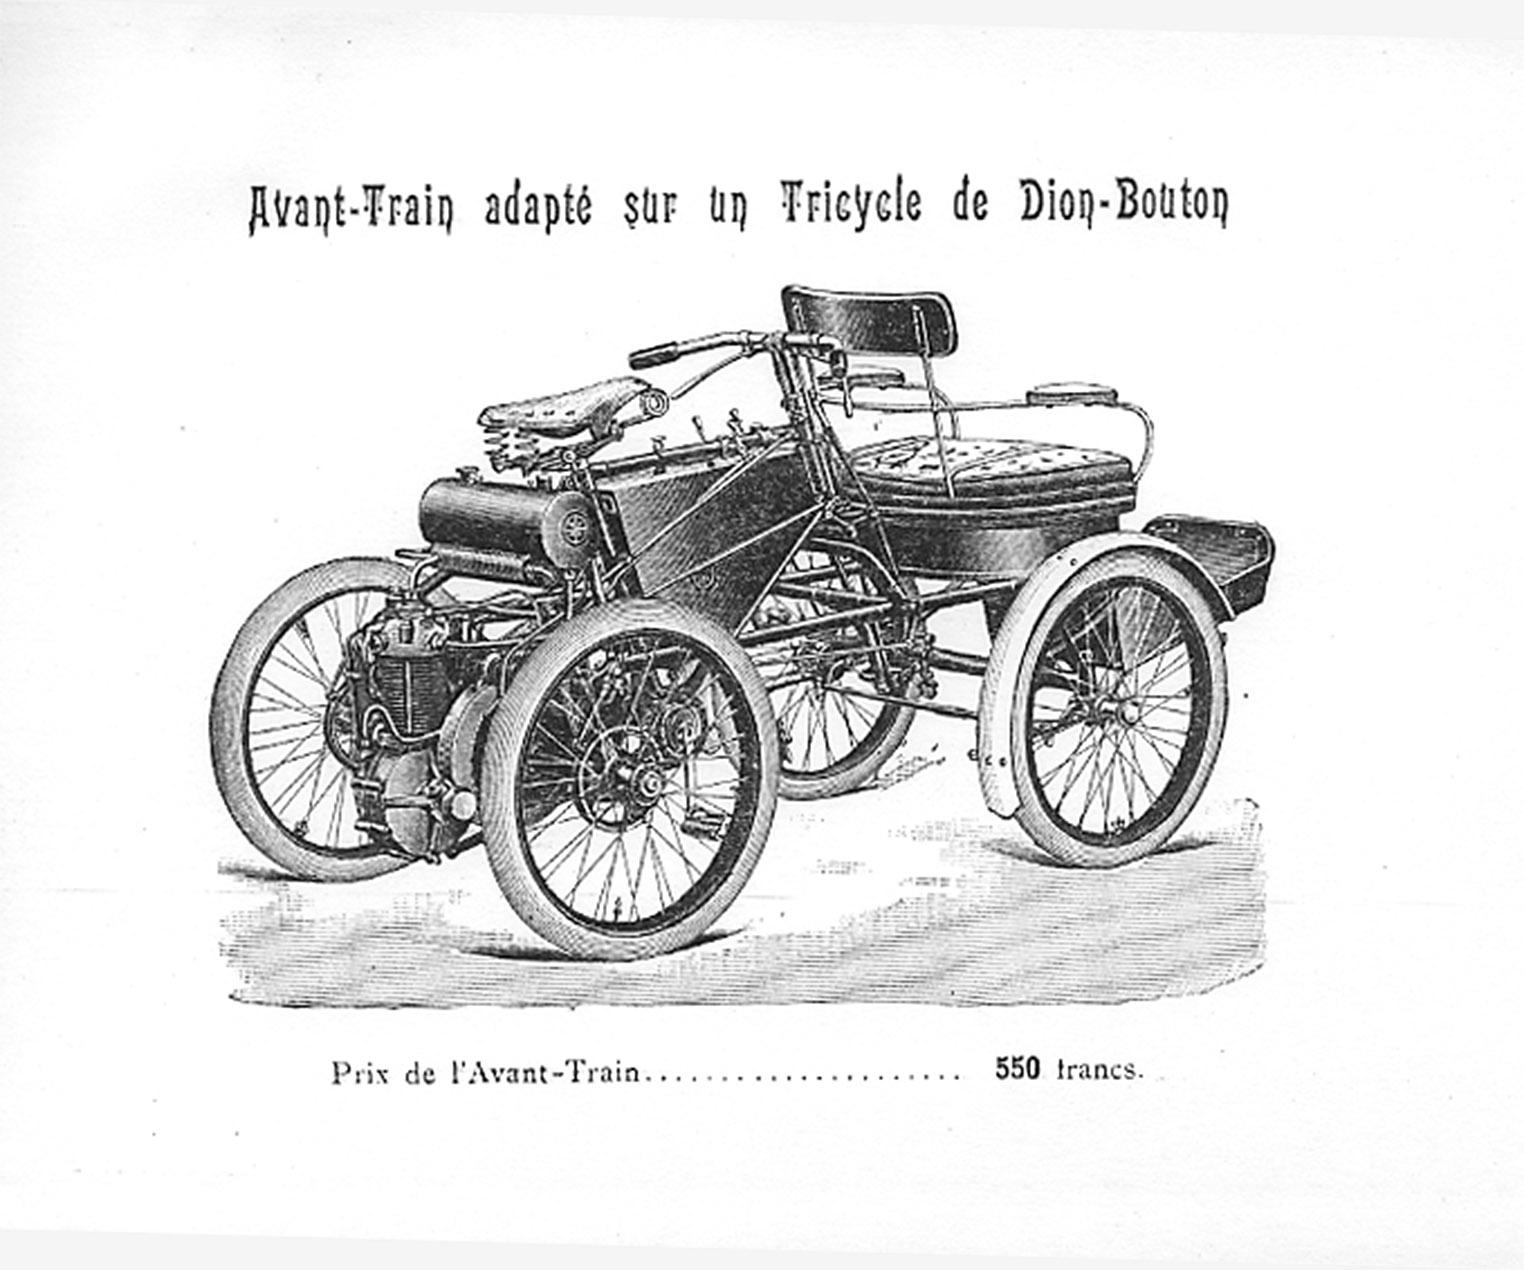 Avant train adapté sur tricycle de Dion